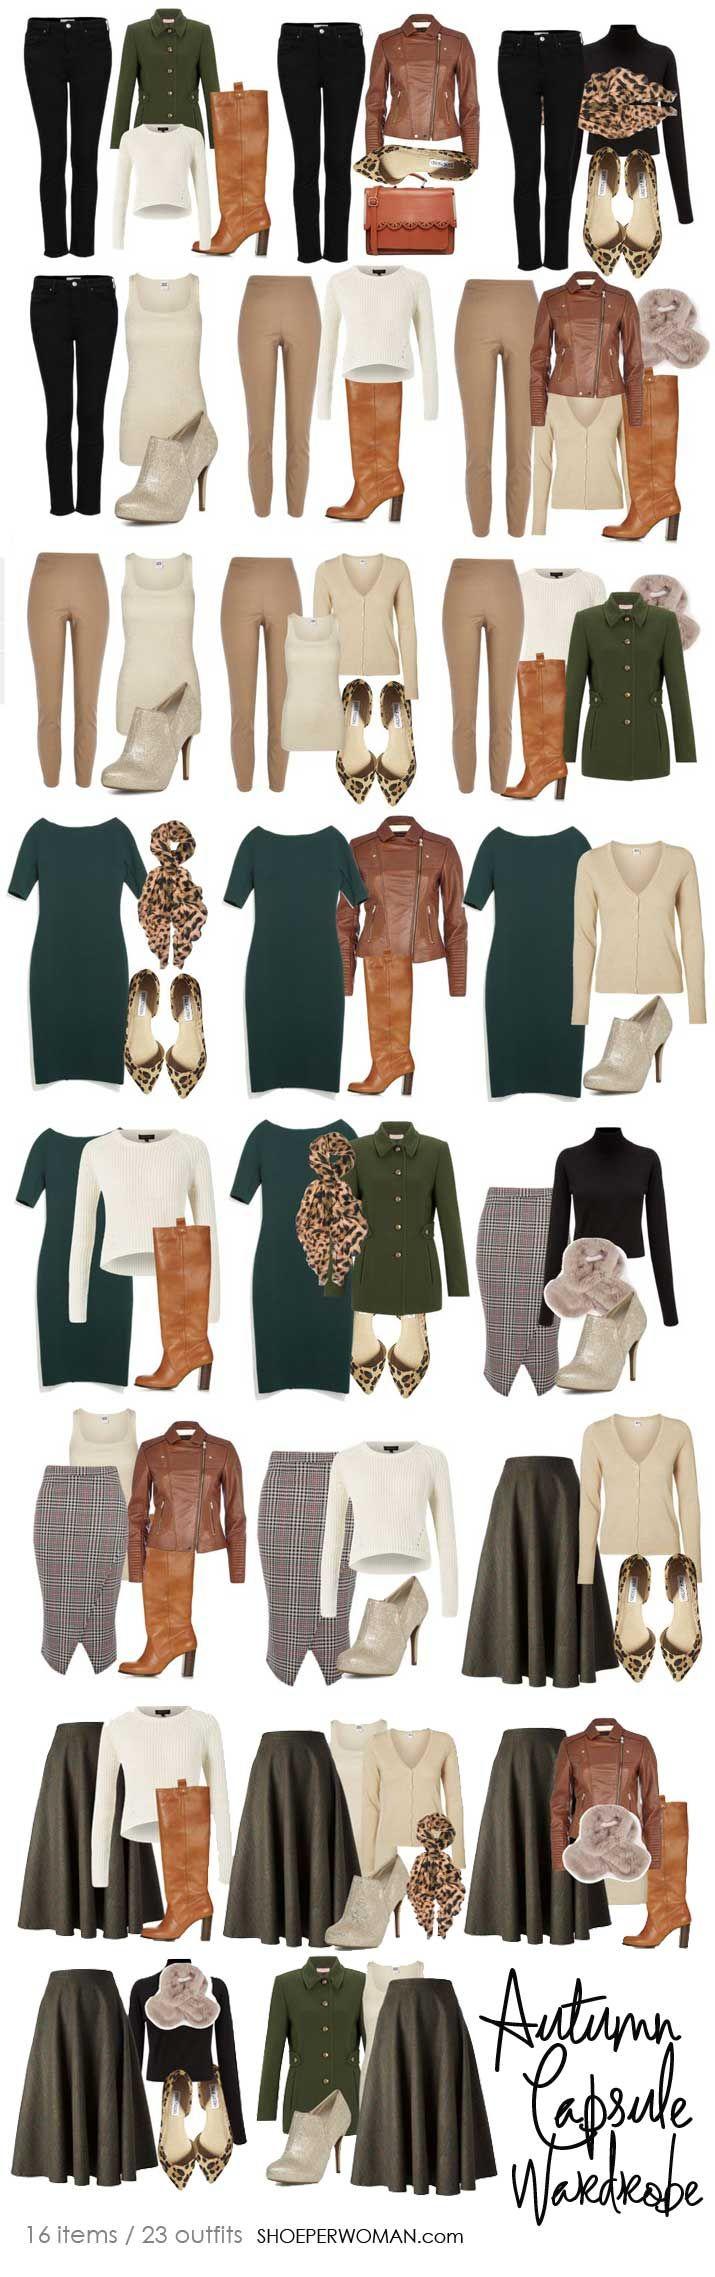 A capsule wardrobe for autumn outfits l ssige for Minimalistischer kleiderschrank